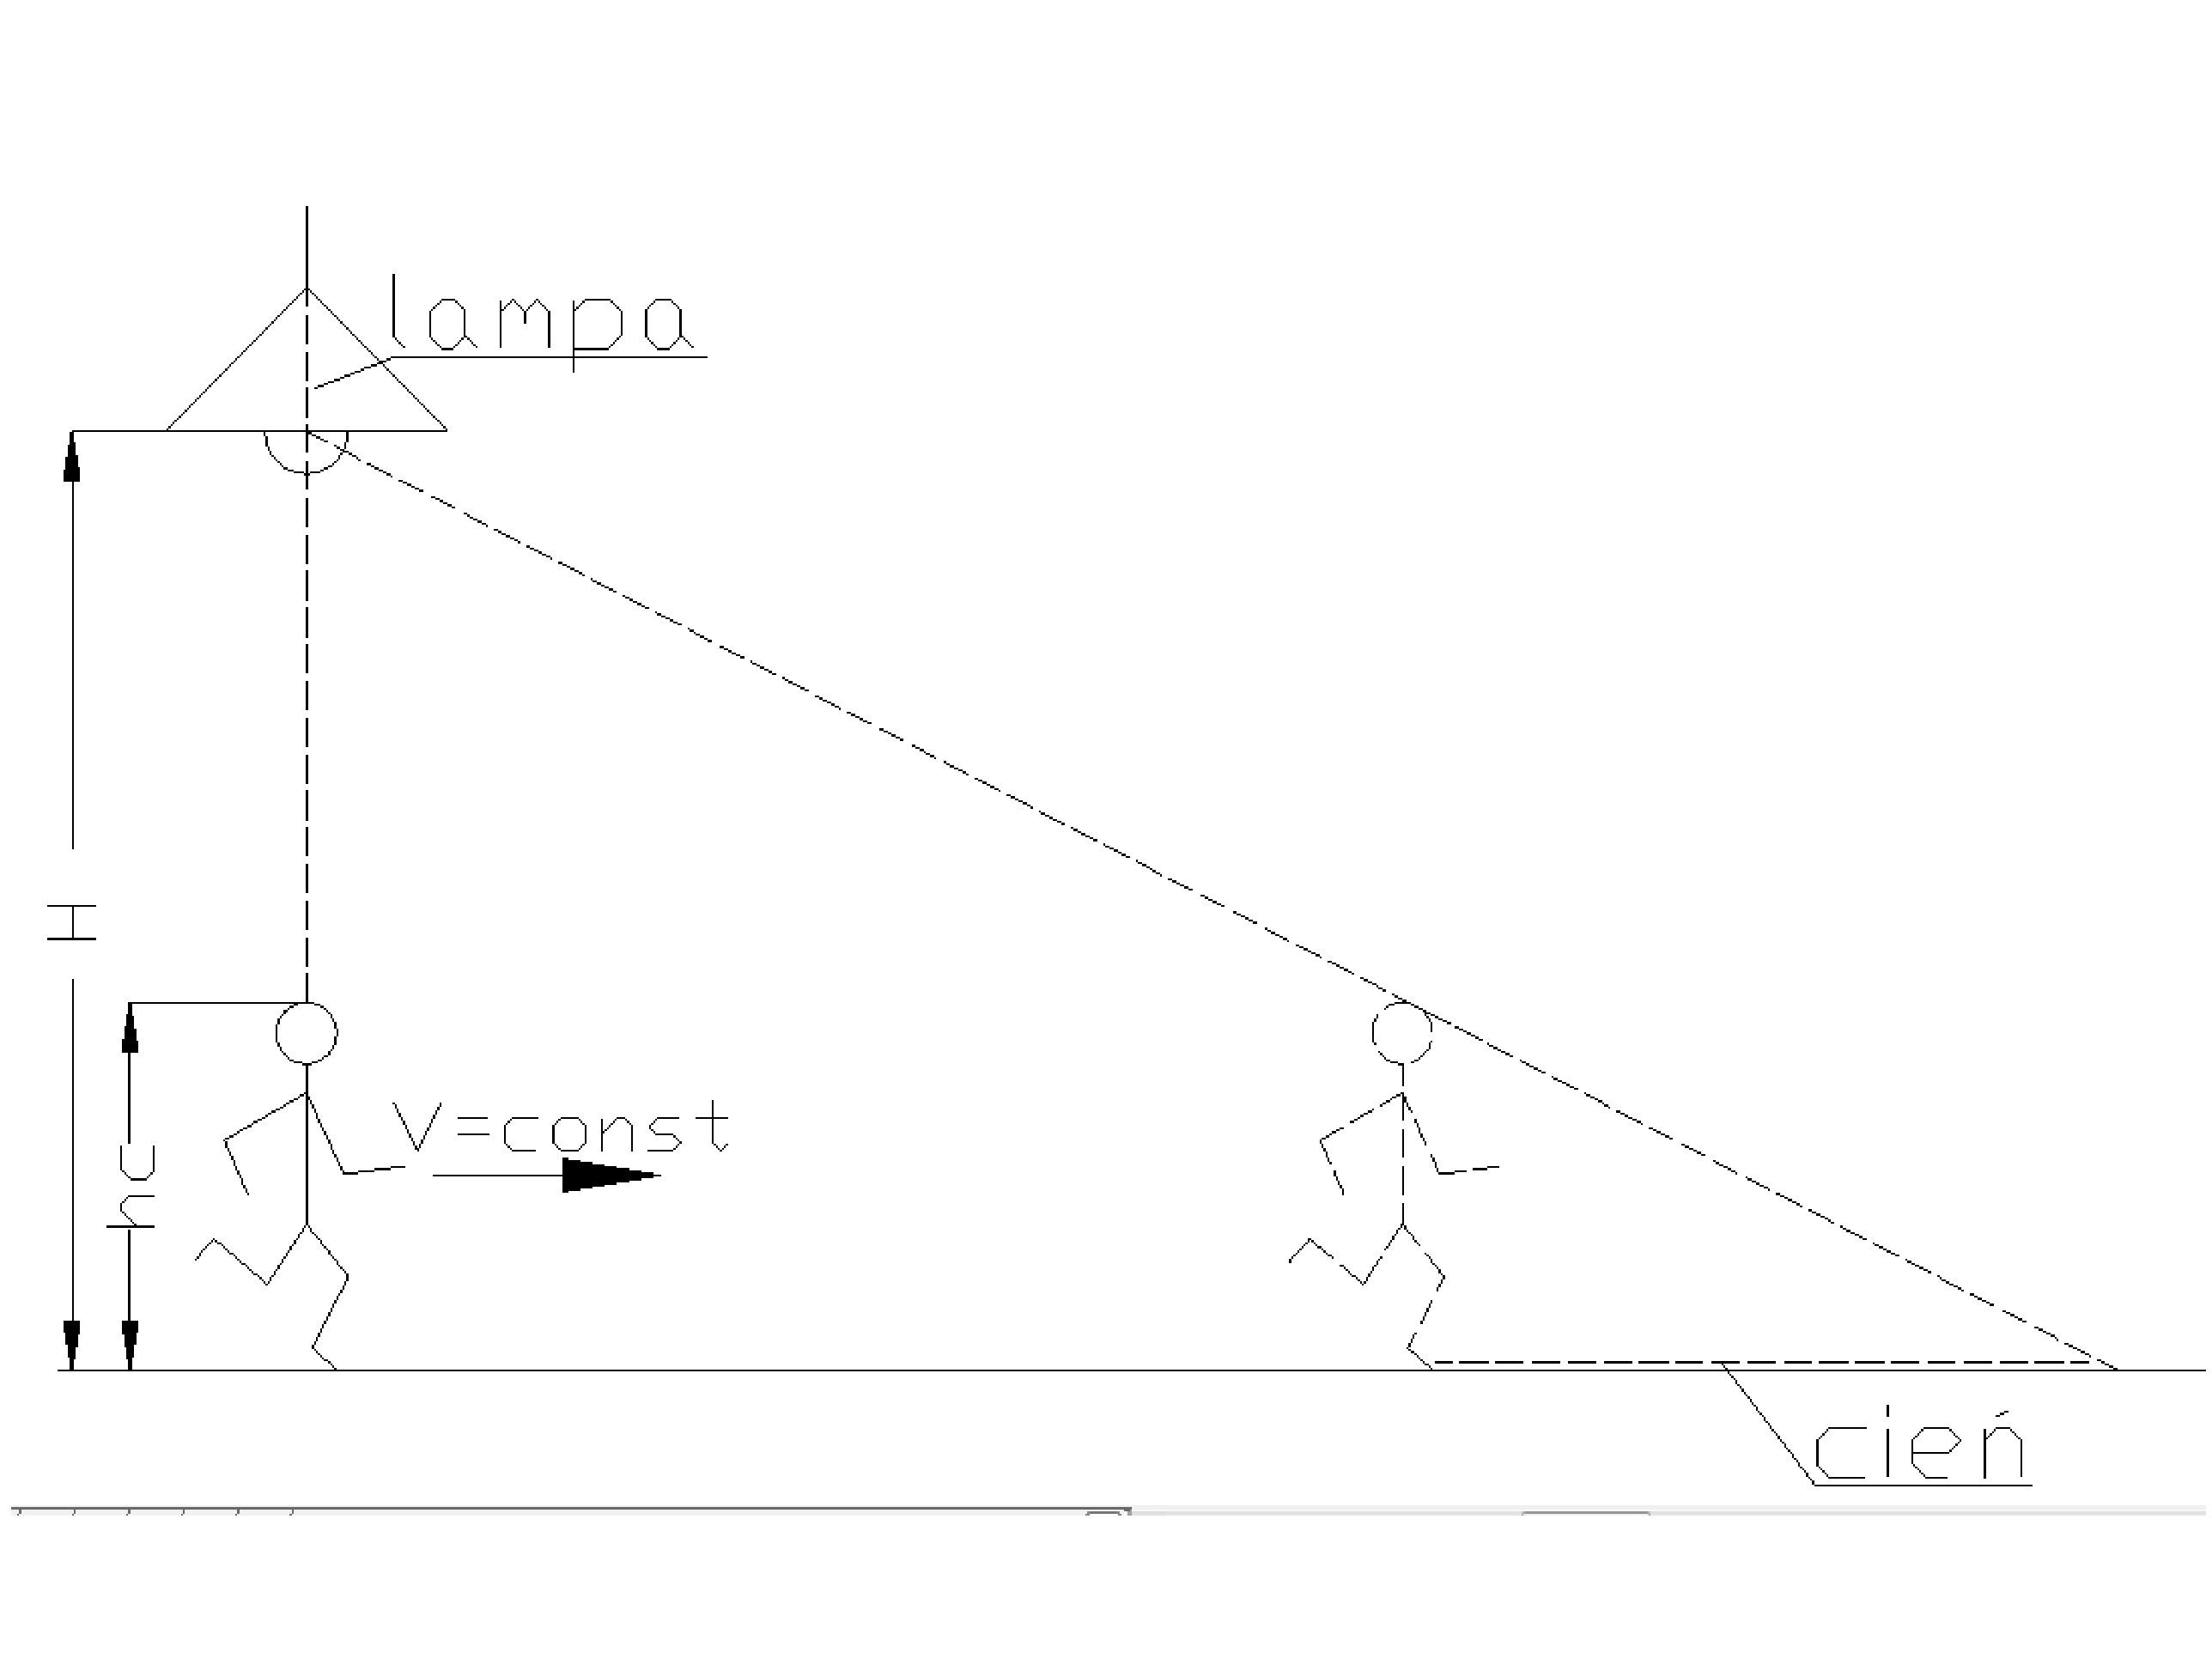 kinematyka4 - Prędkość w ruchu jednostajnym - kinematyka - zadanie 17